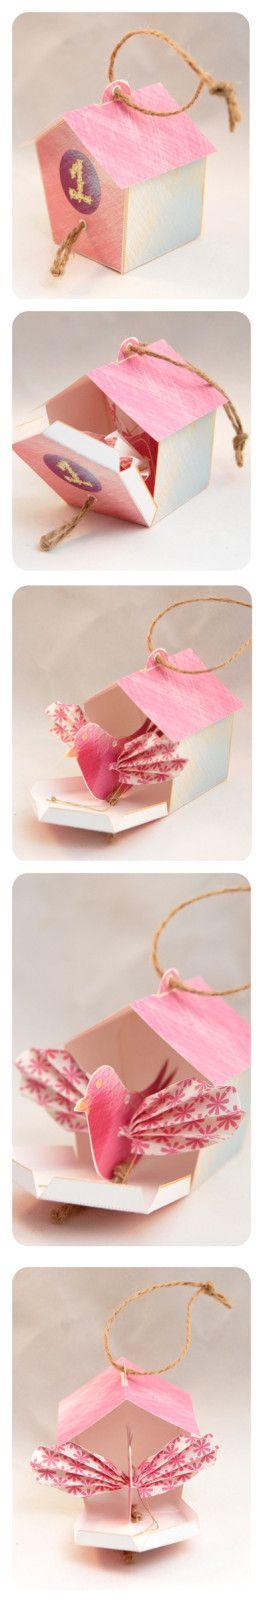 Un magnifique et original calendrier de l'Avent offert par Nadja sur son blog : http://dans-mon-bocal.over-blog.com